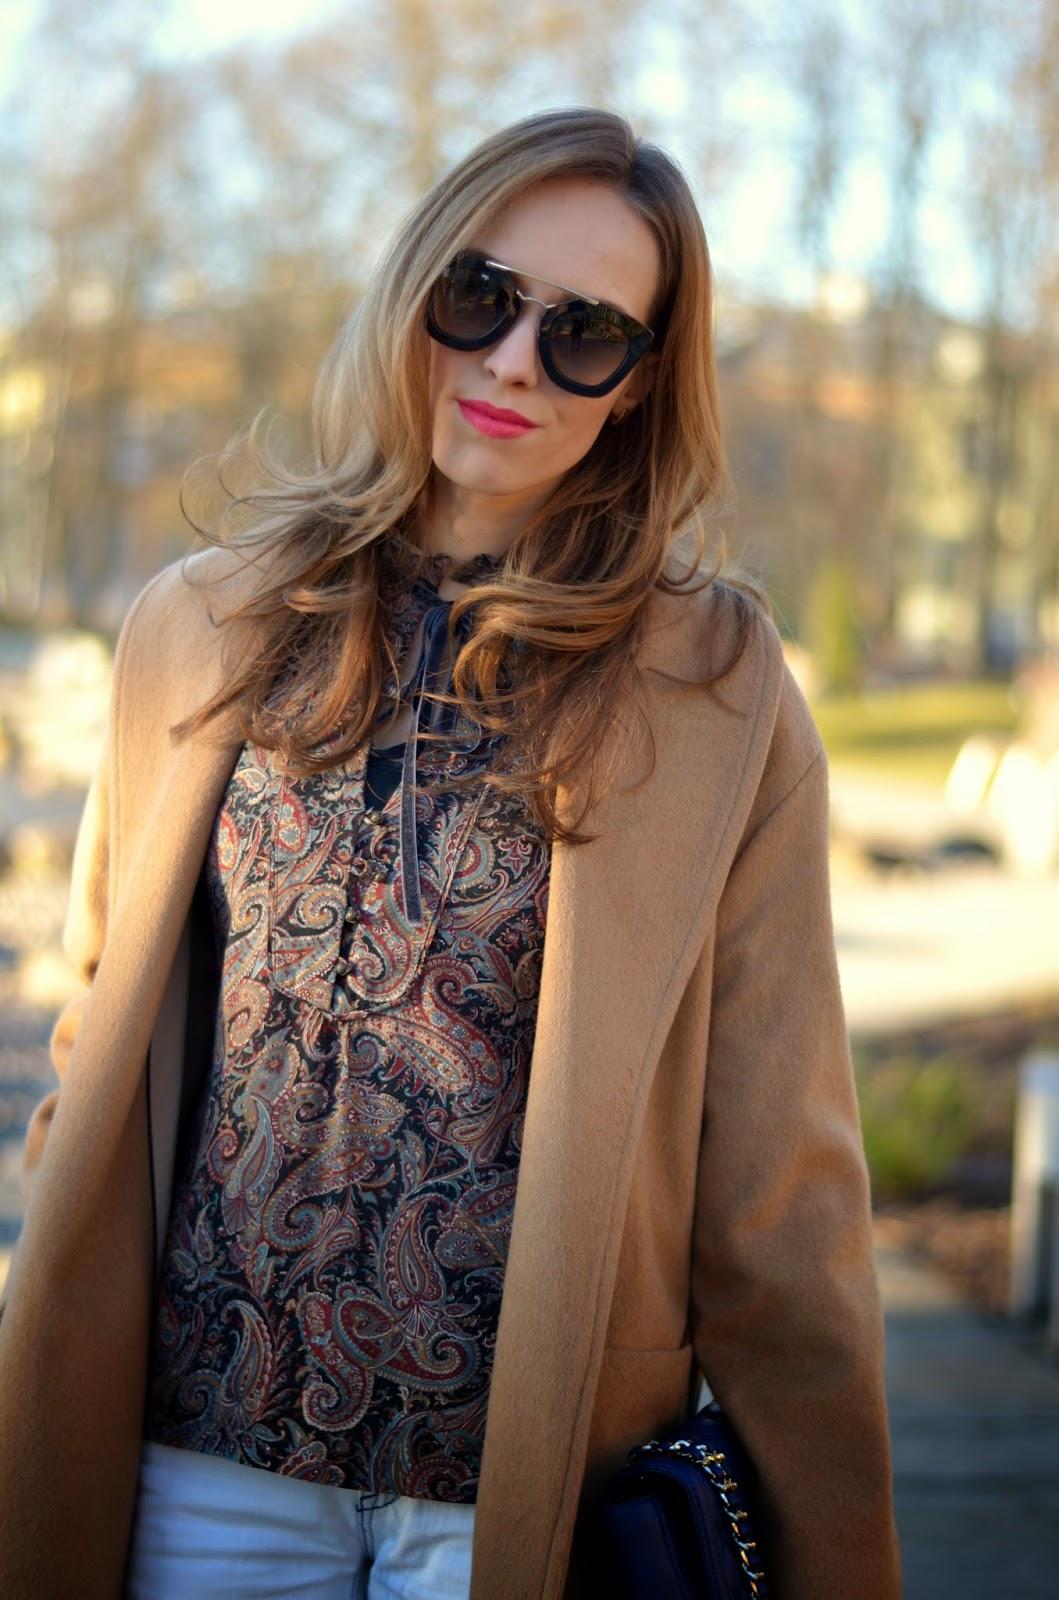 prada cinema sunglasses mango camel coat mango blouse kristjaana mere